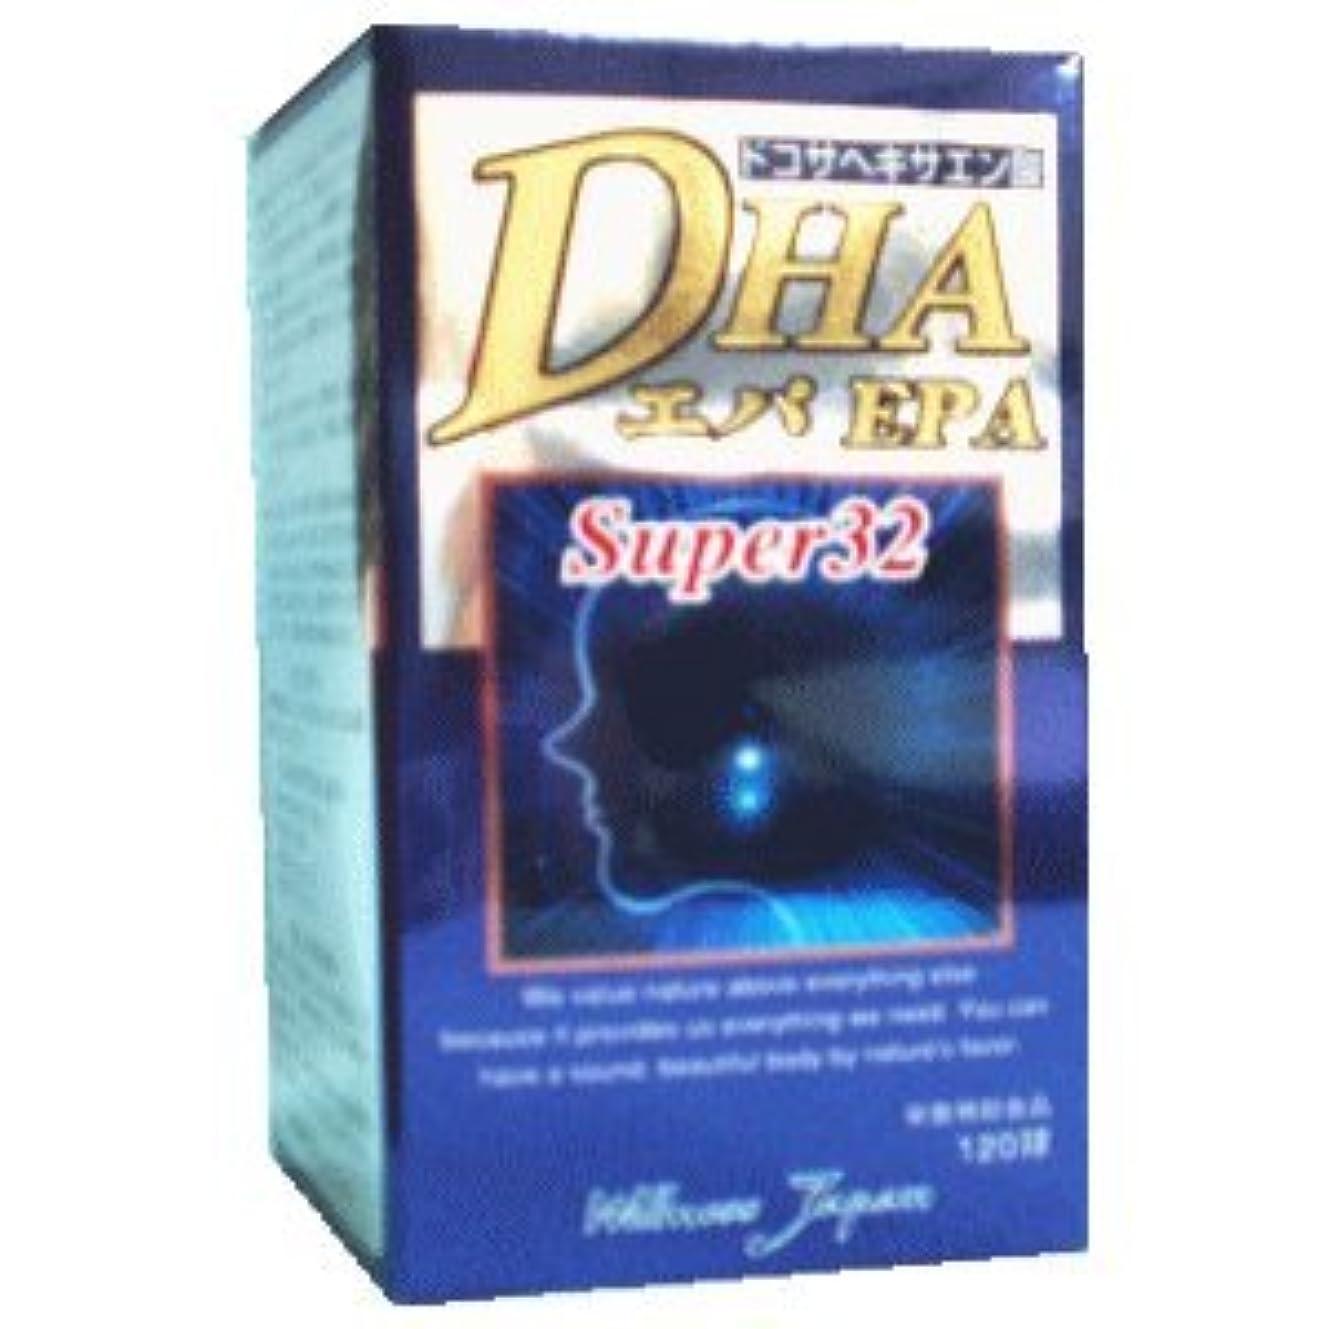 罪実り多い一般的に言えばDHAエパスーパー32 120球×(3セット)